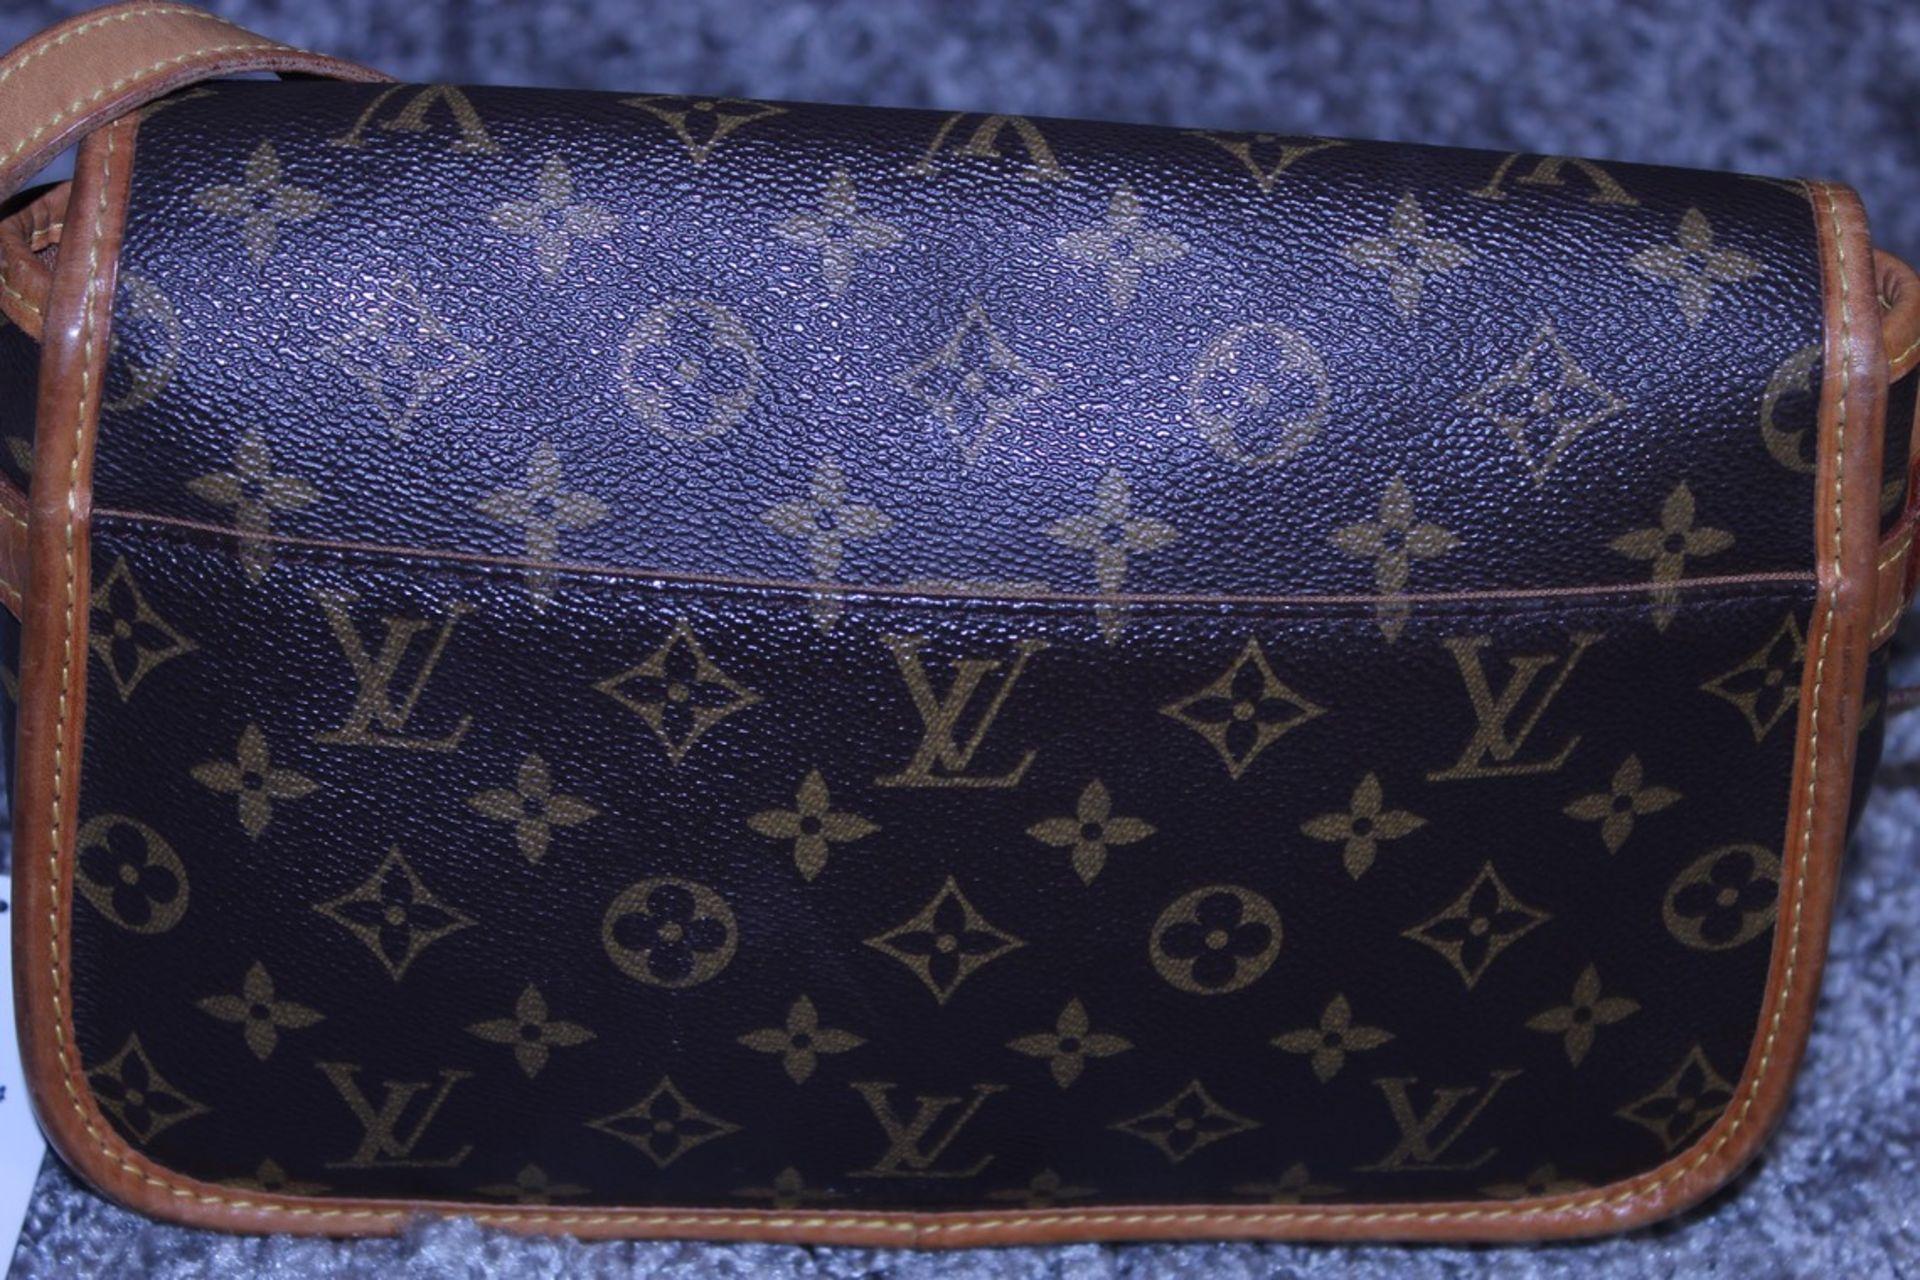 RRP £1,200 Louis Vuitton Sologne Shoulder Bag, Brown Monogram Canvas, 26X16X8Cm, (Production Code - Image 2 of 3